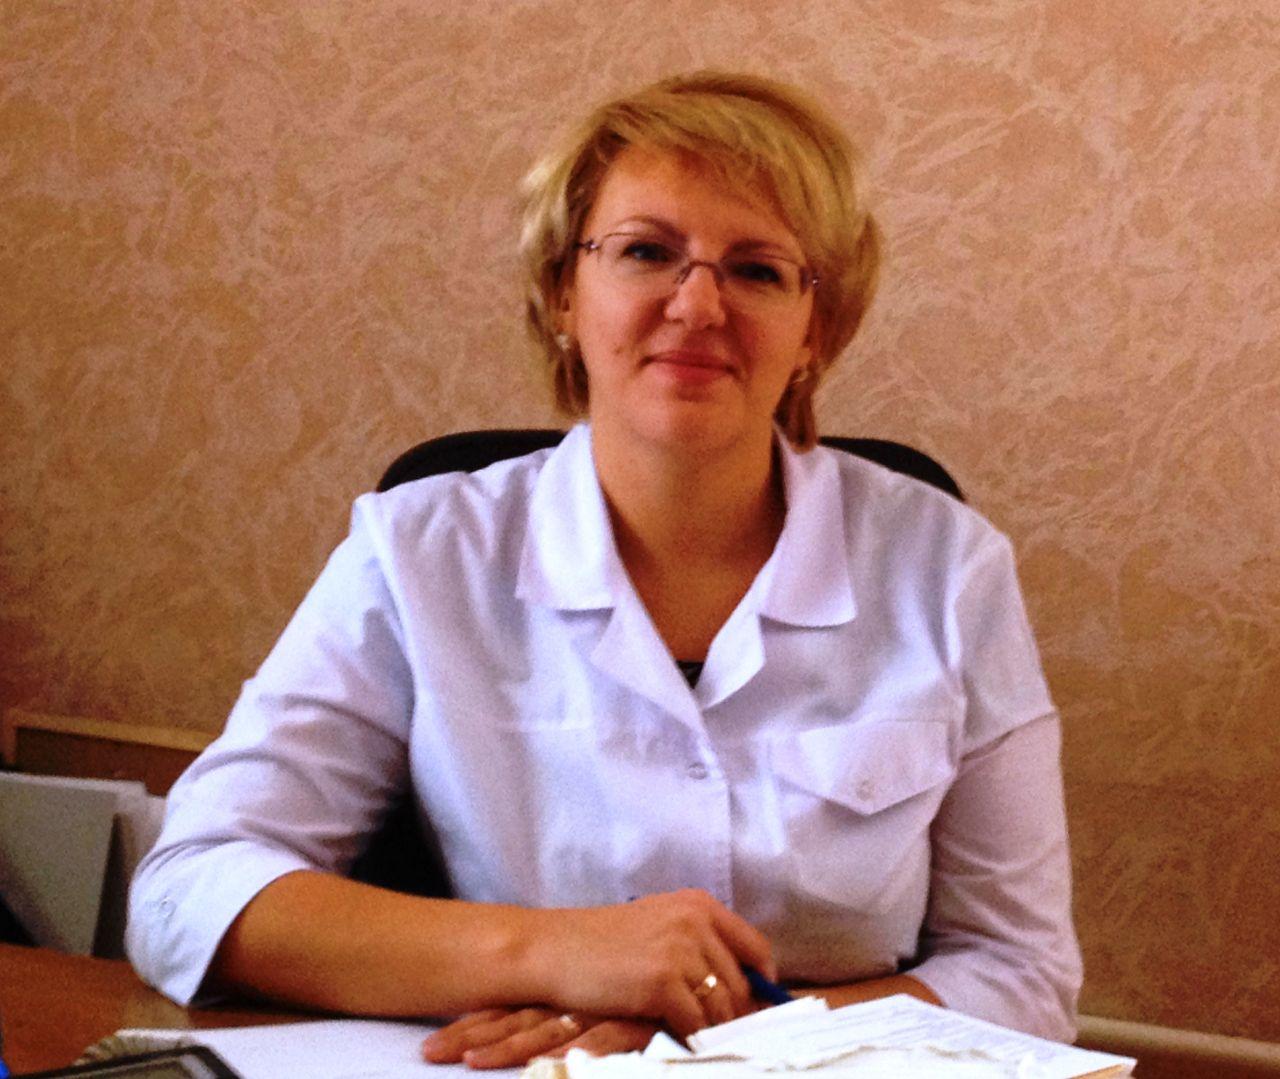 Регистратура поликлиники г волжск